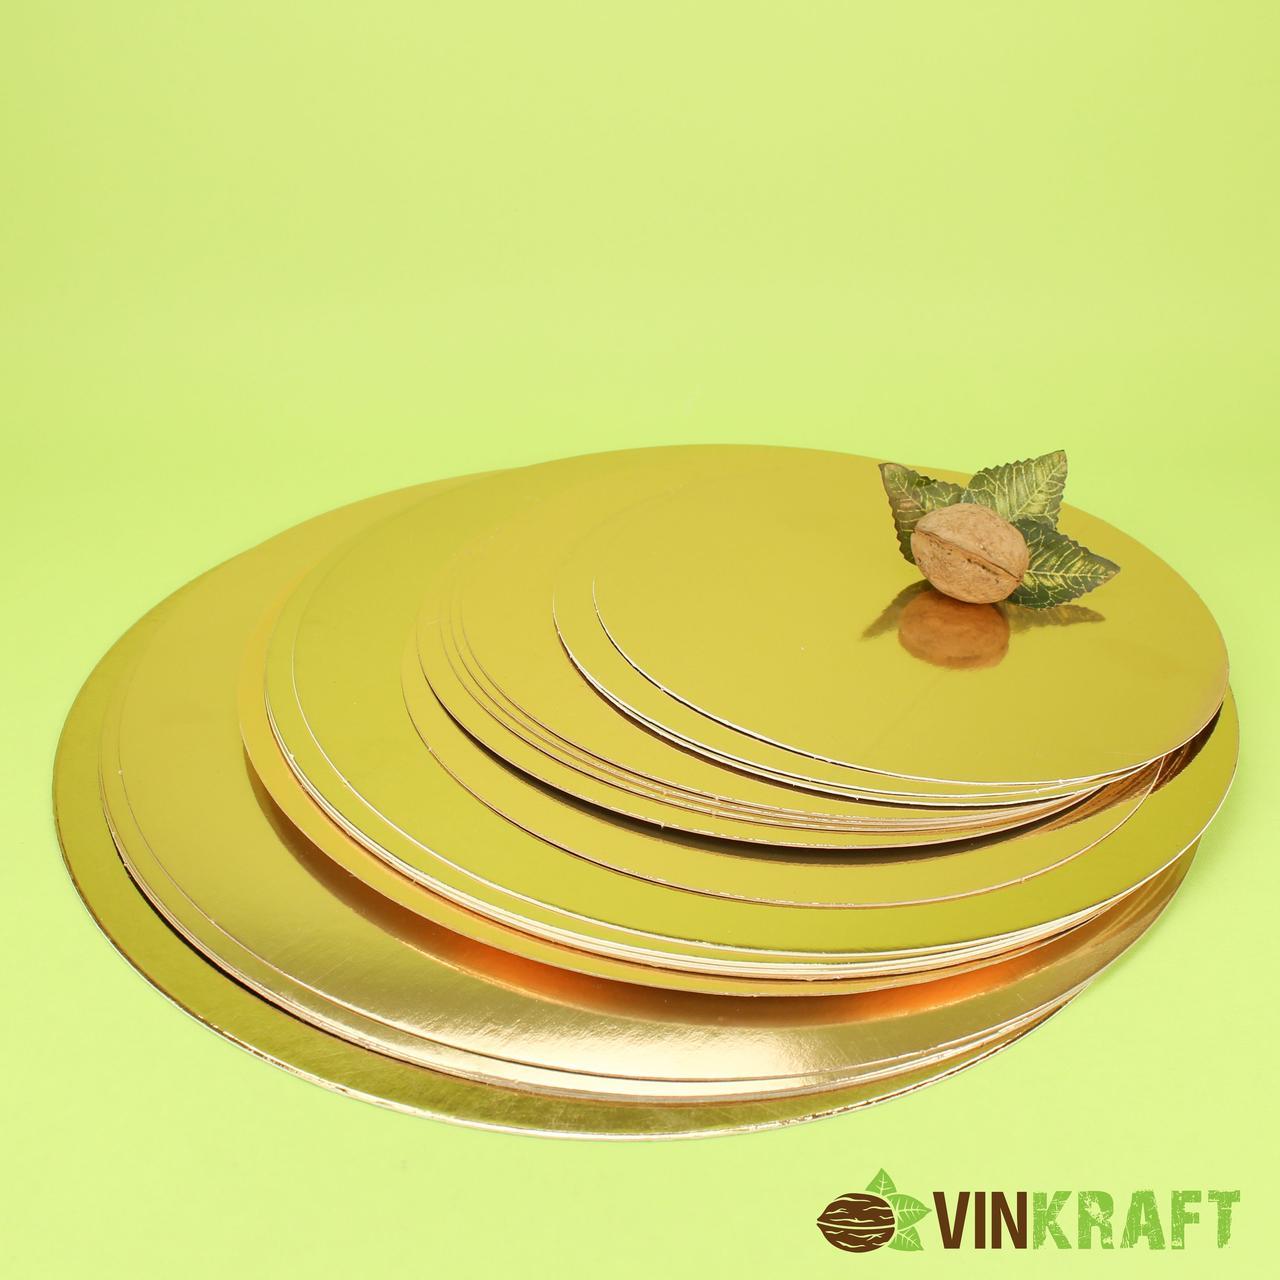 Підложка  d=380 мм (1 мм) під торт, золото-срібло